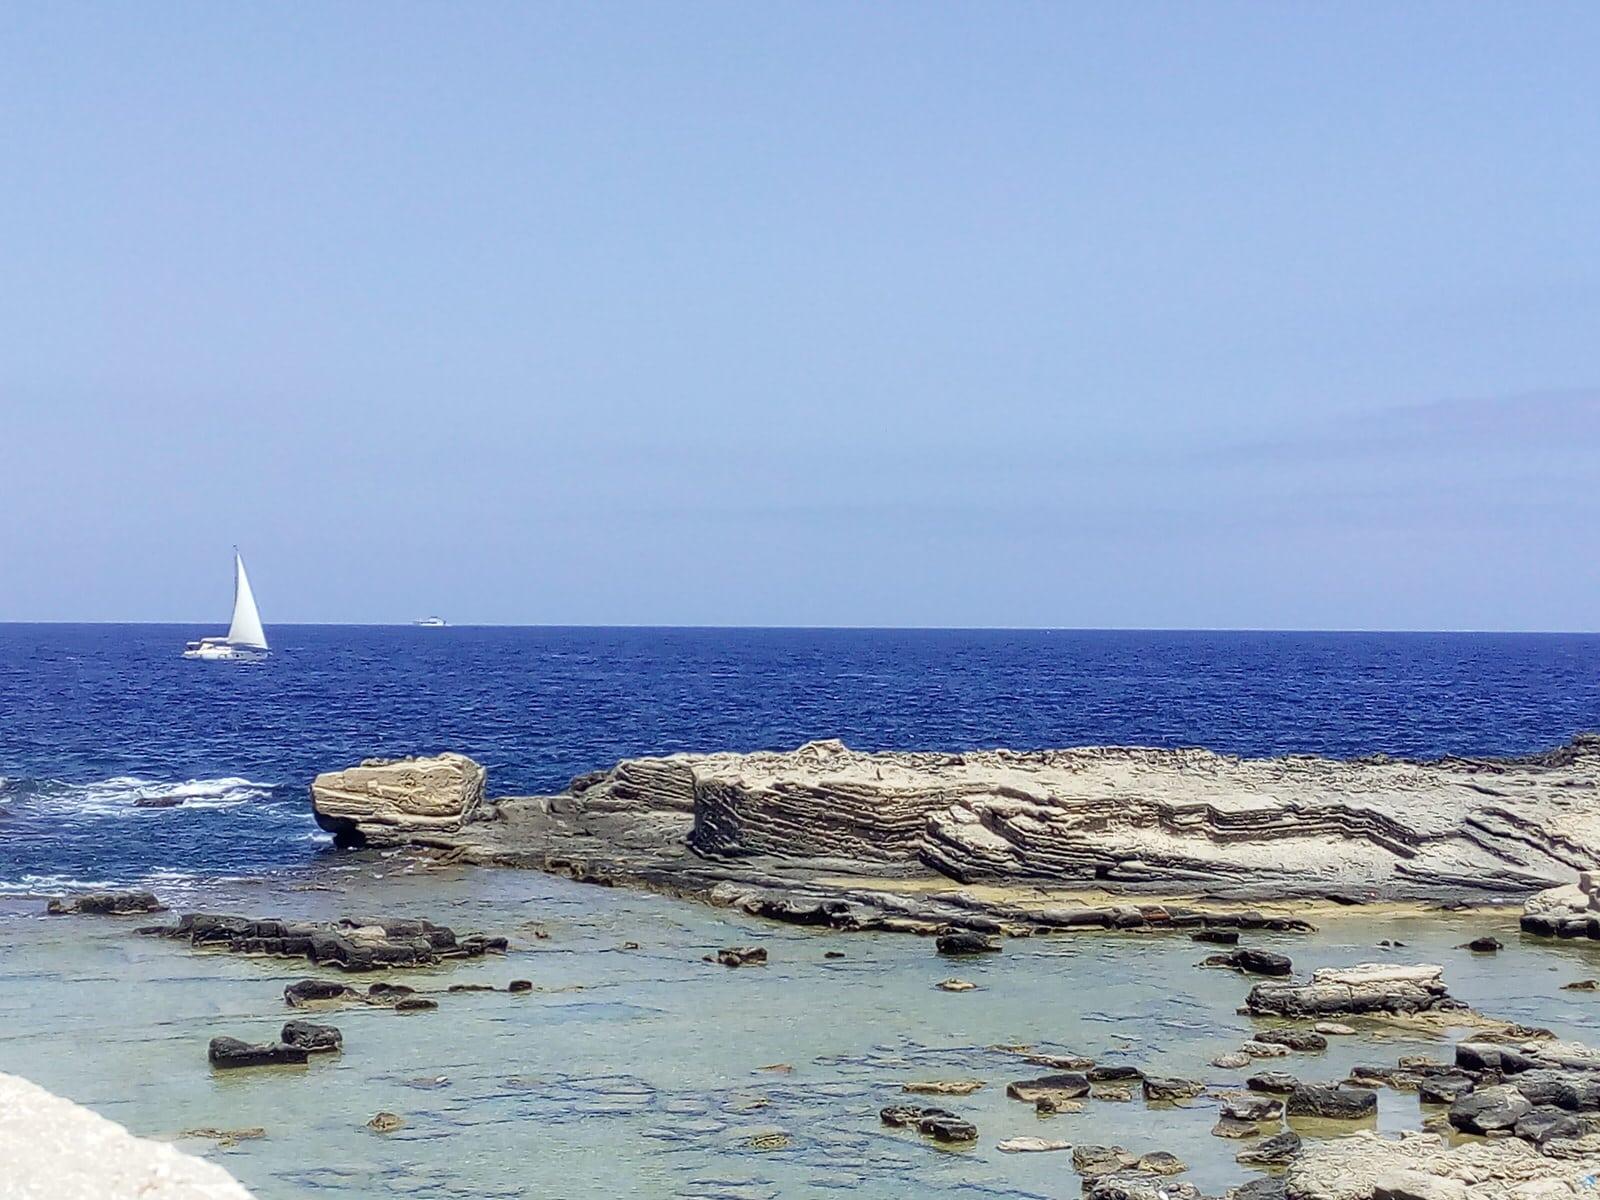 Dalla Marmolada all'Isola di Favignana, buon ferragosto a tutti!